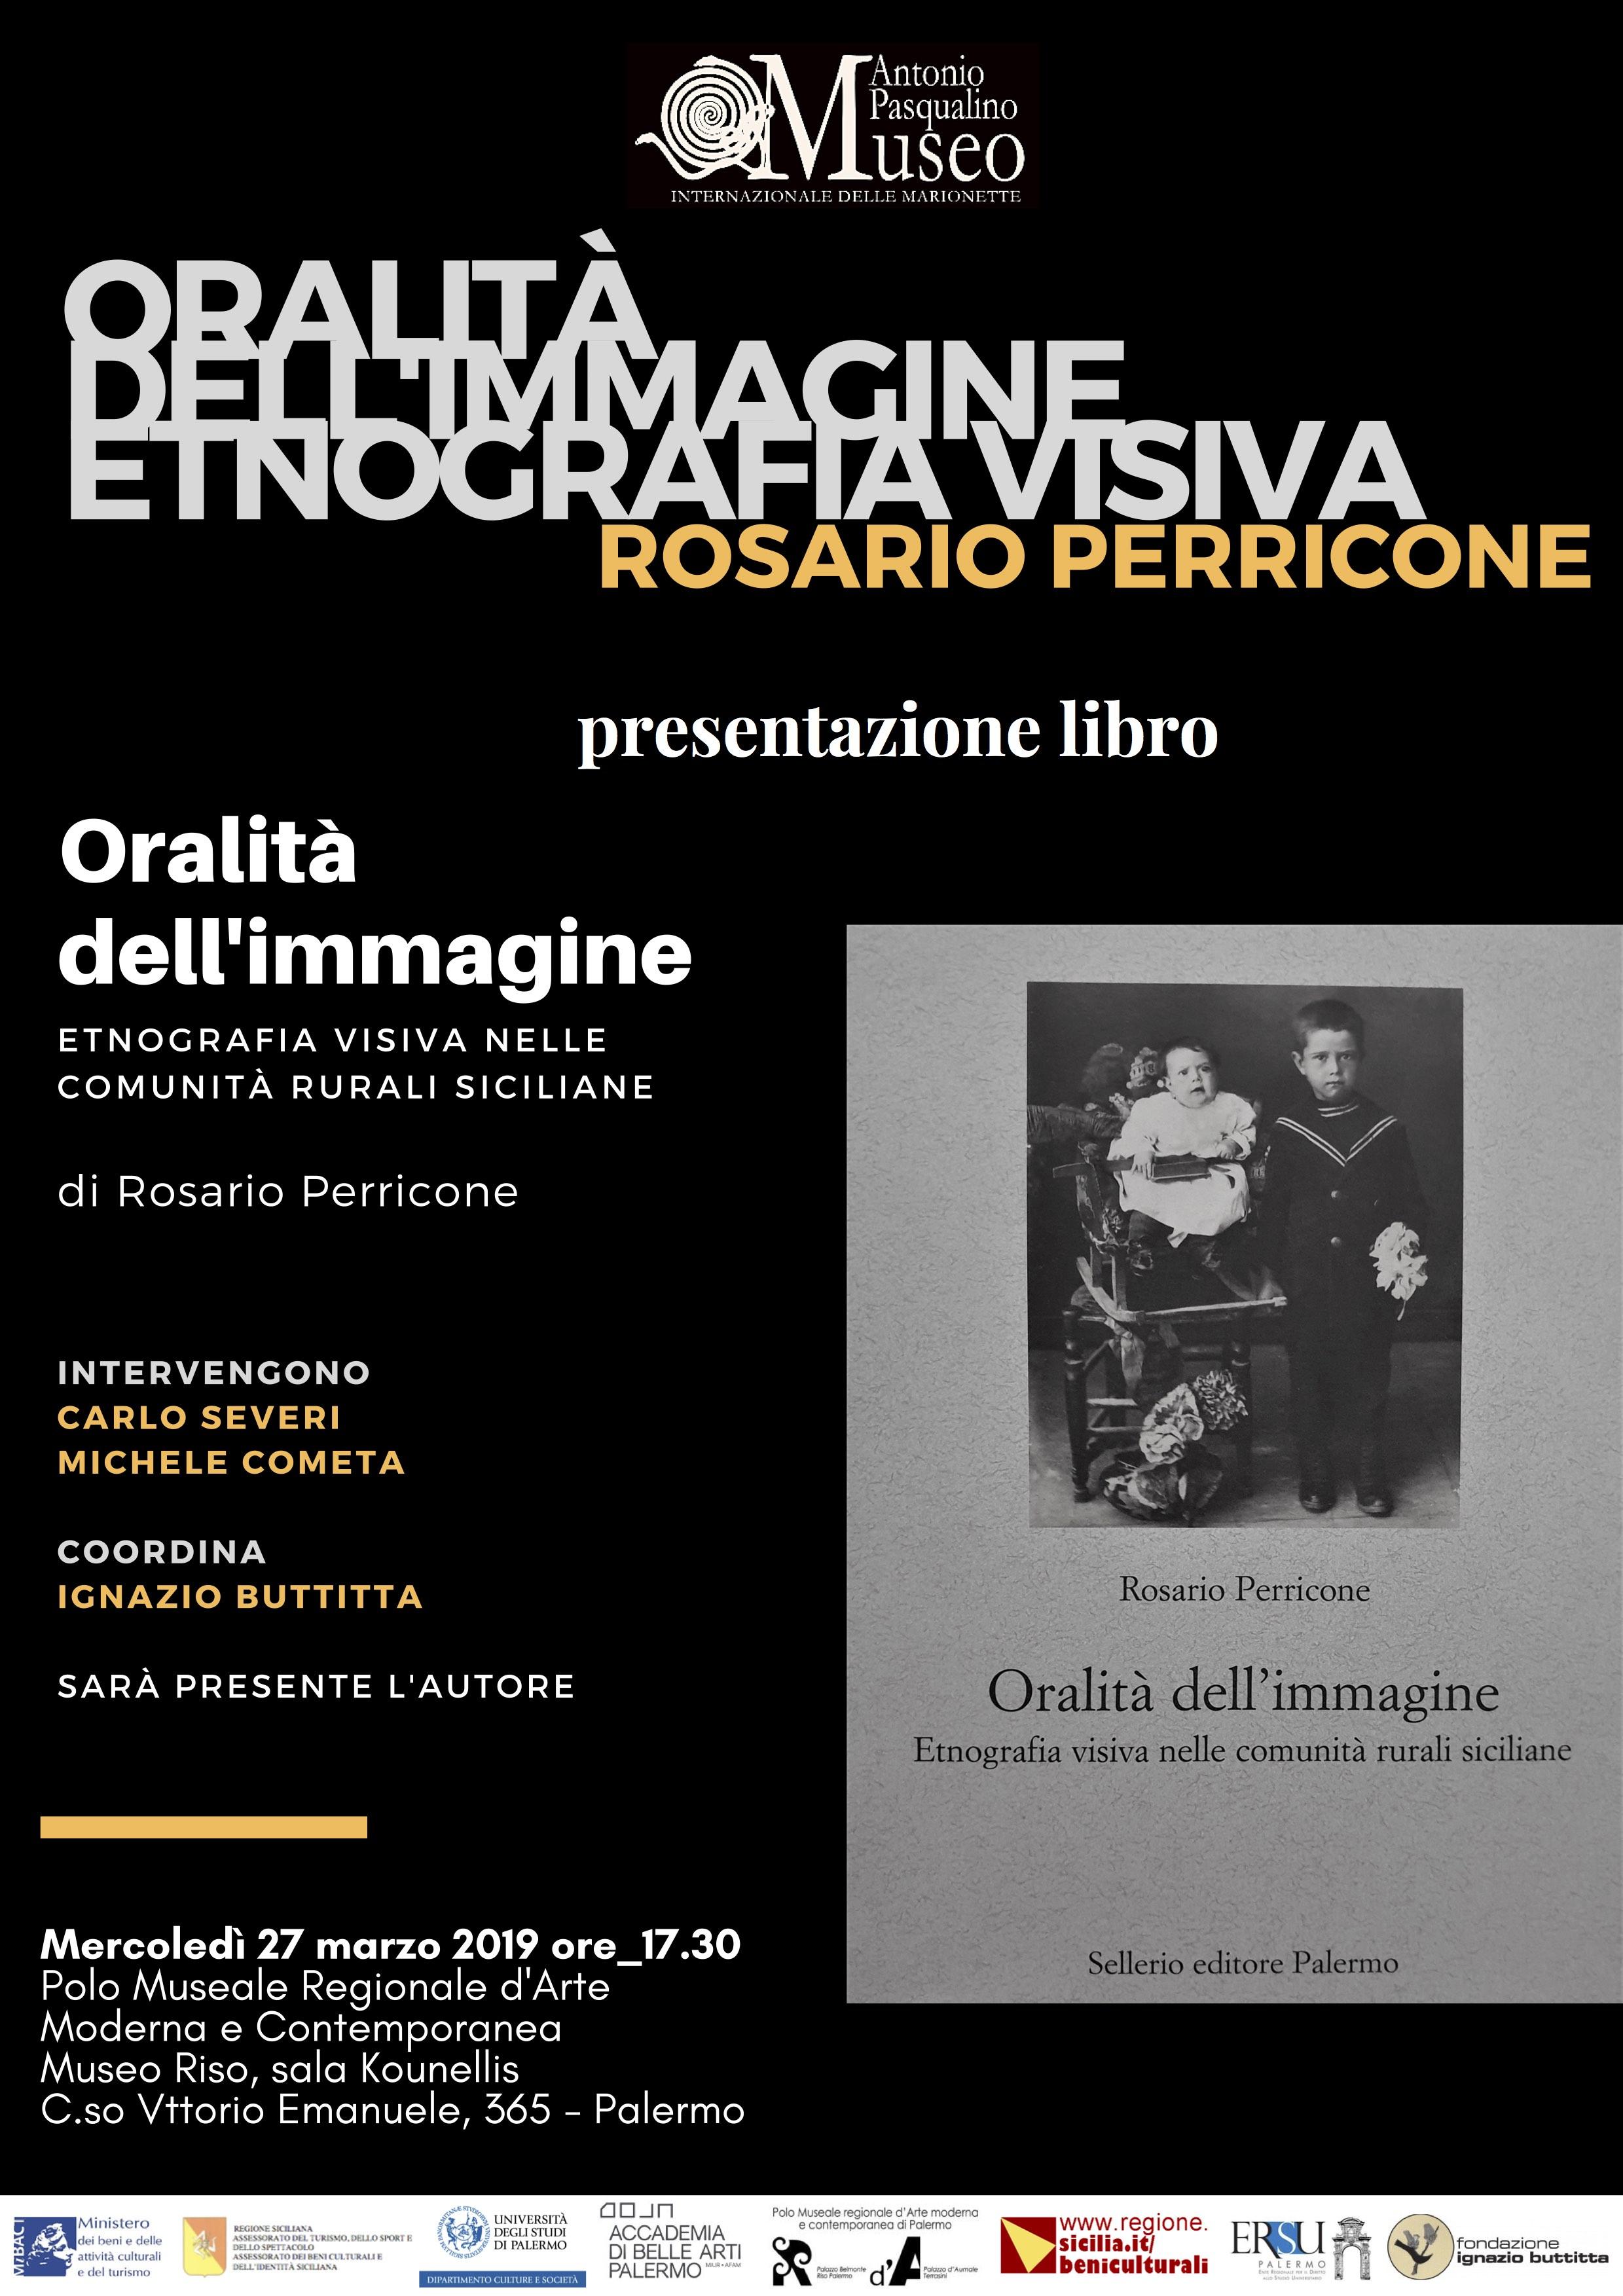 2019_Antropologia_della_memoria_Oralita_dellimmagine_3.jpg - 822.43 kB